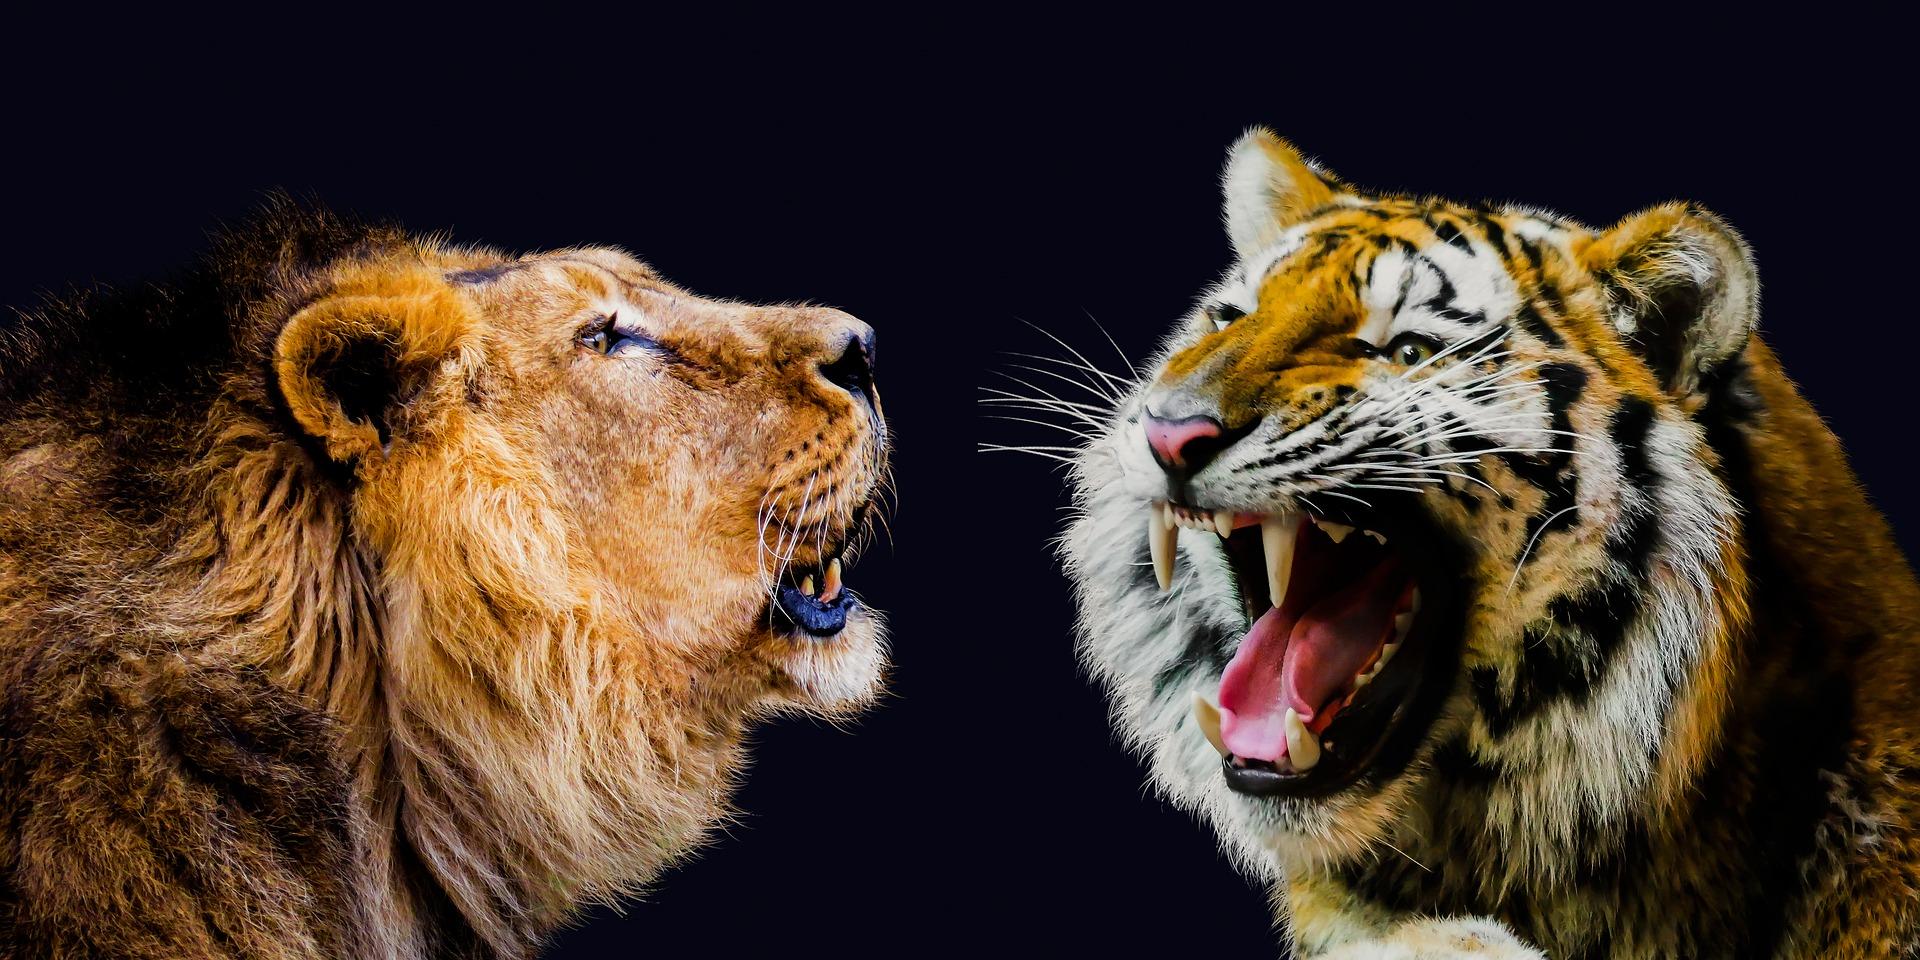 ¿Cuál es más fiero, el león o el tigre?